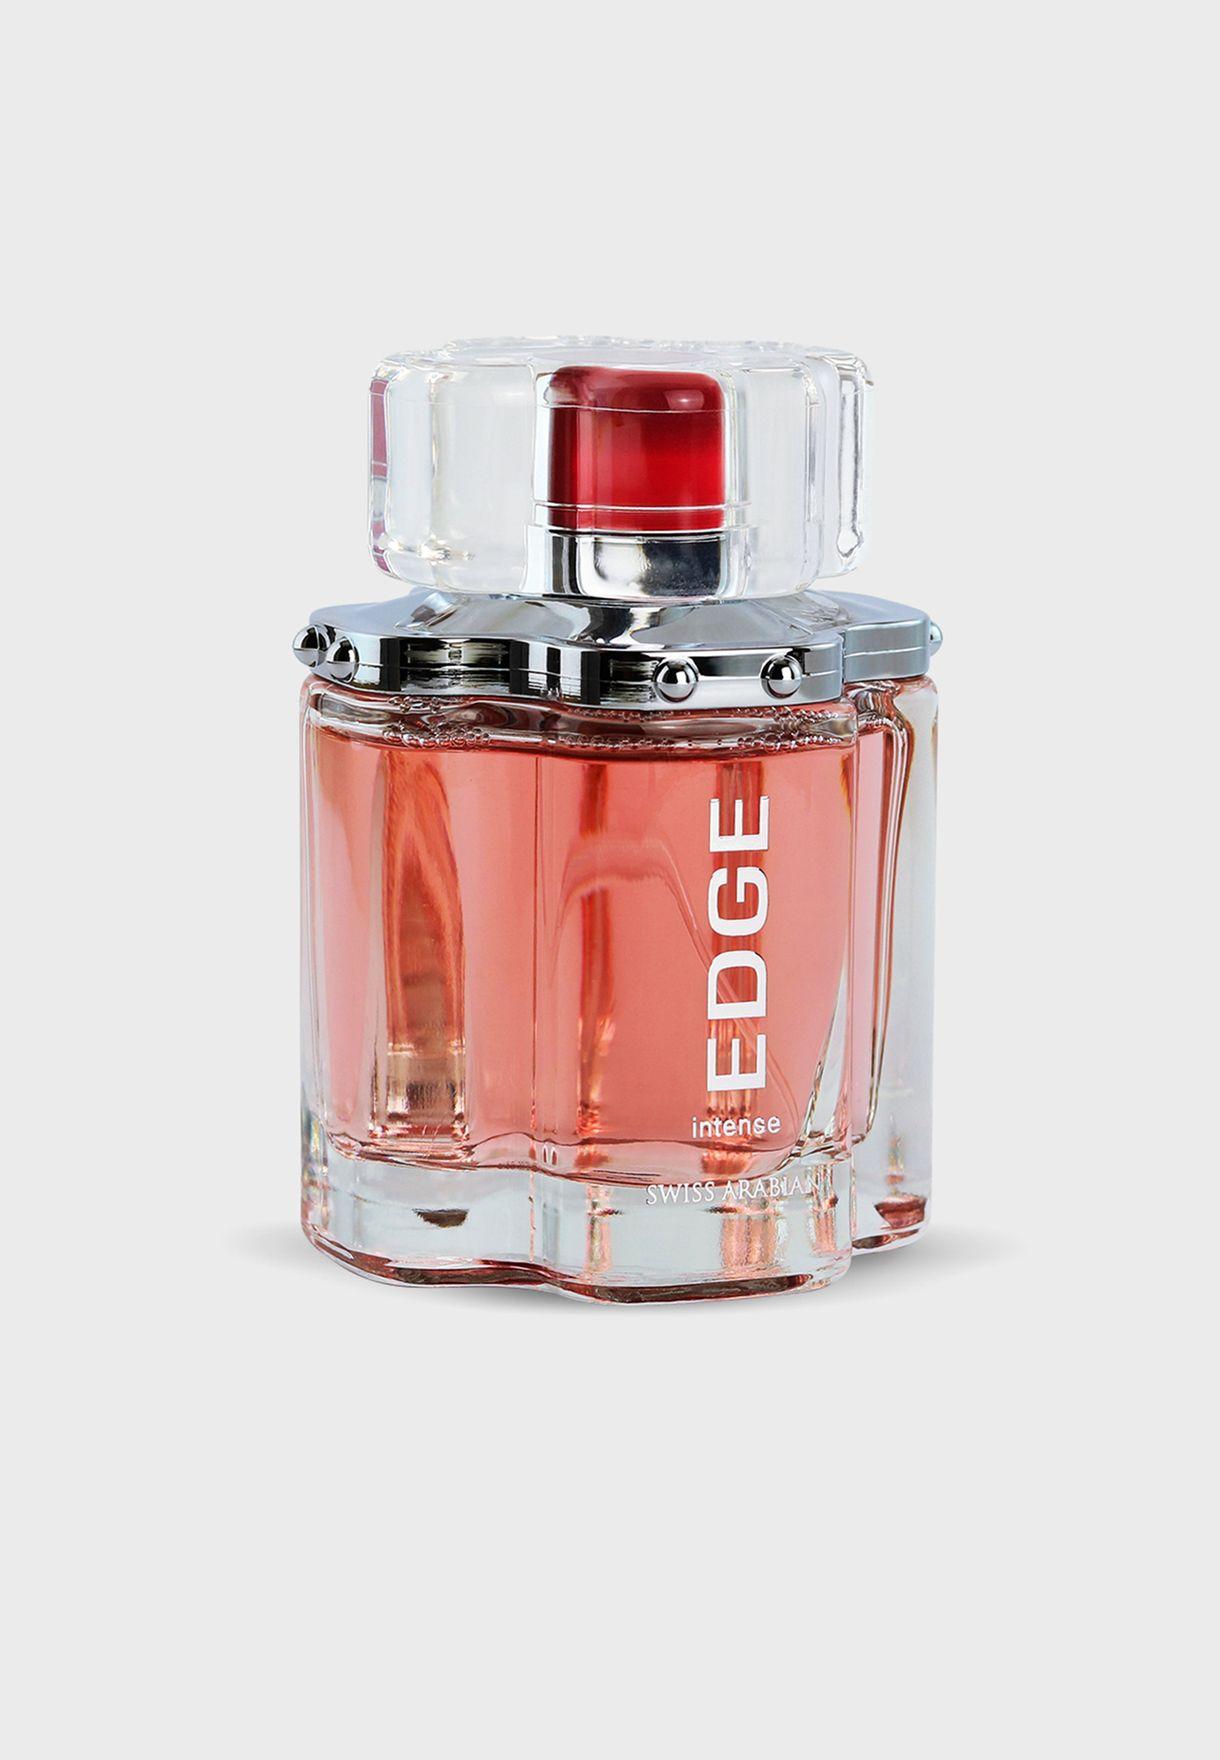 Edge Intense Eau de Parfum 100ml